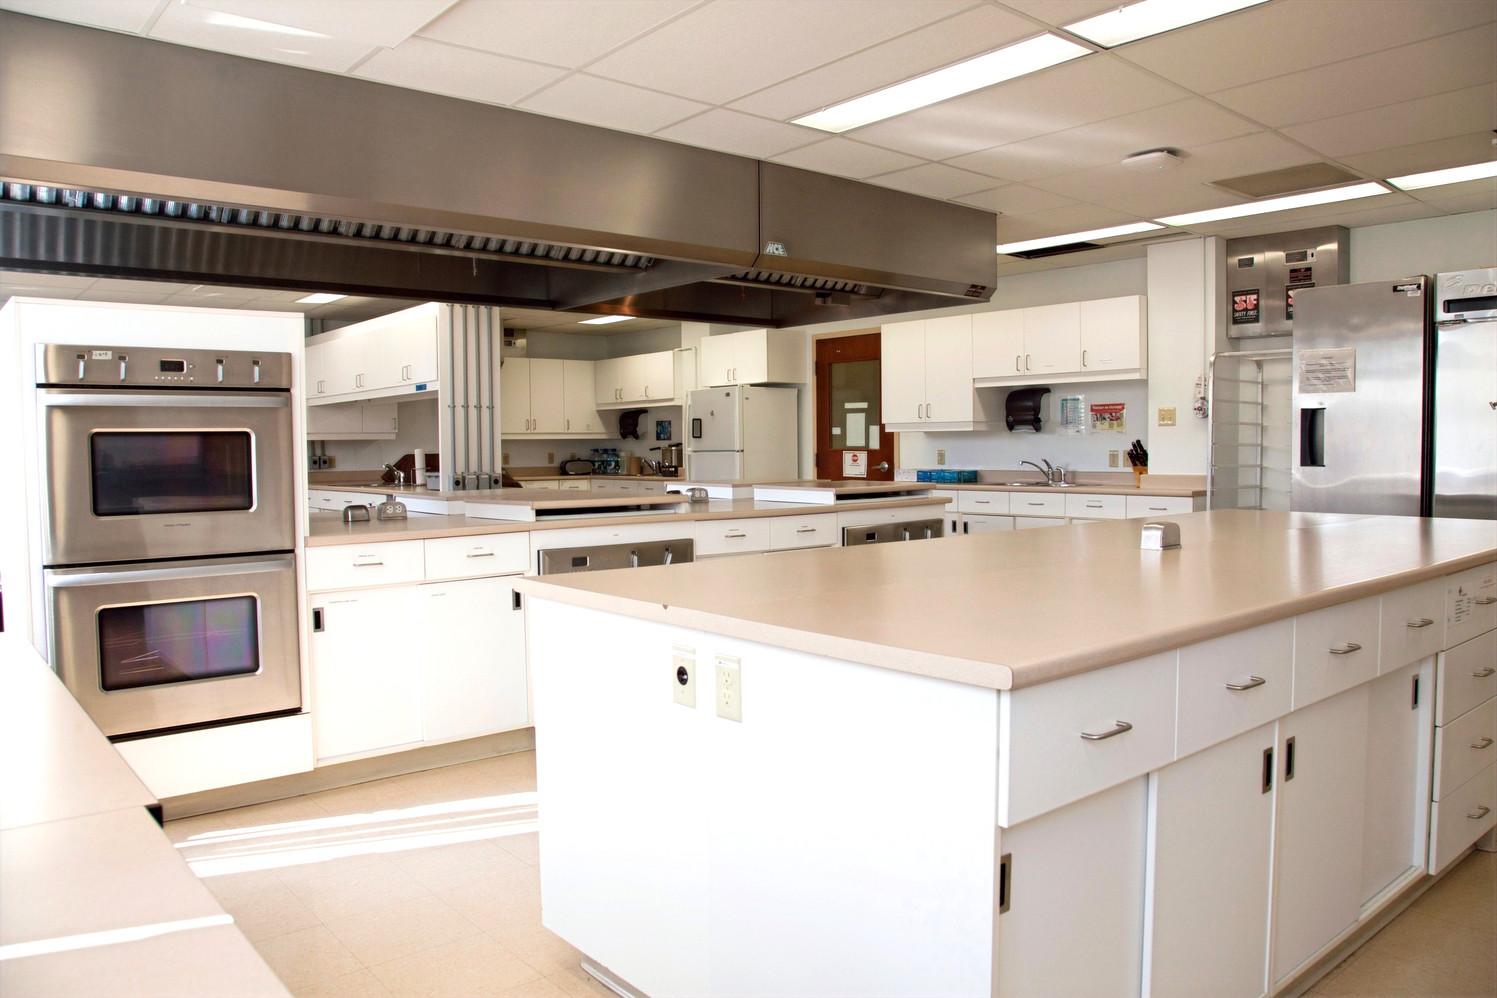 Consumer research laboratory